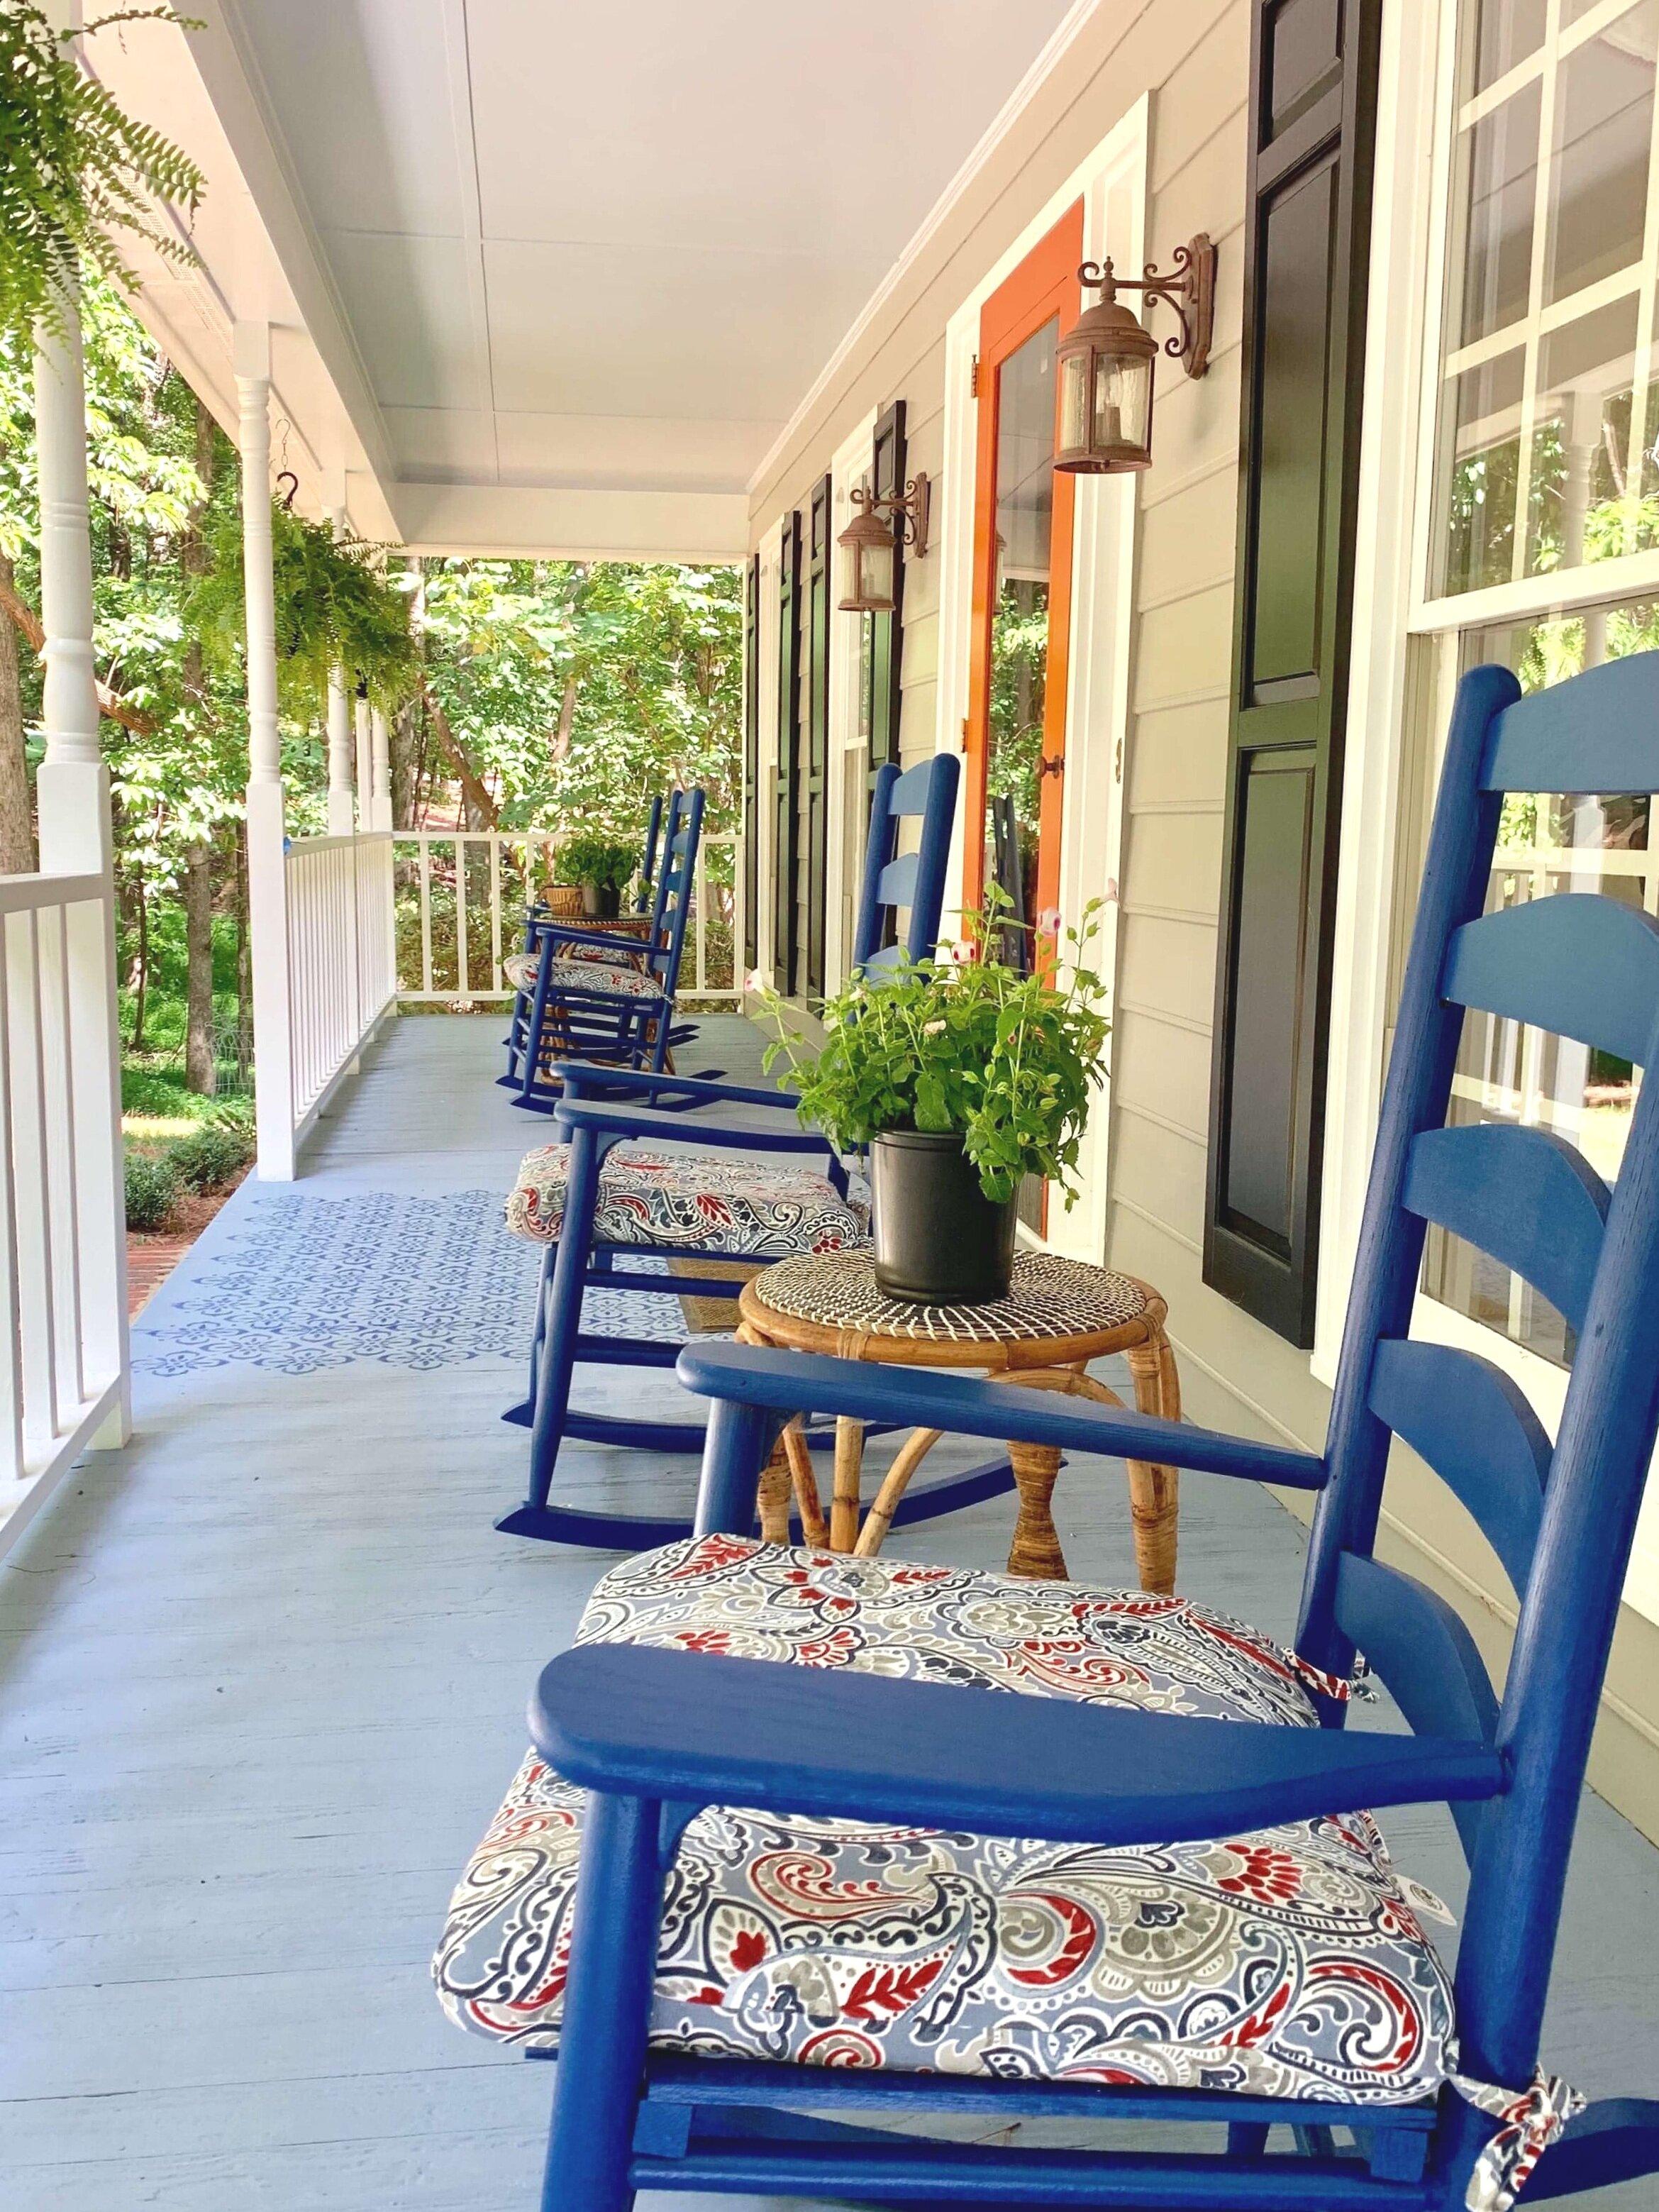 Exterior paint colors, front porch paint color, porch floor color, ceiling color